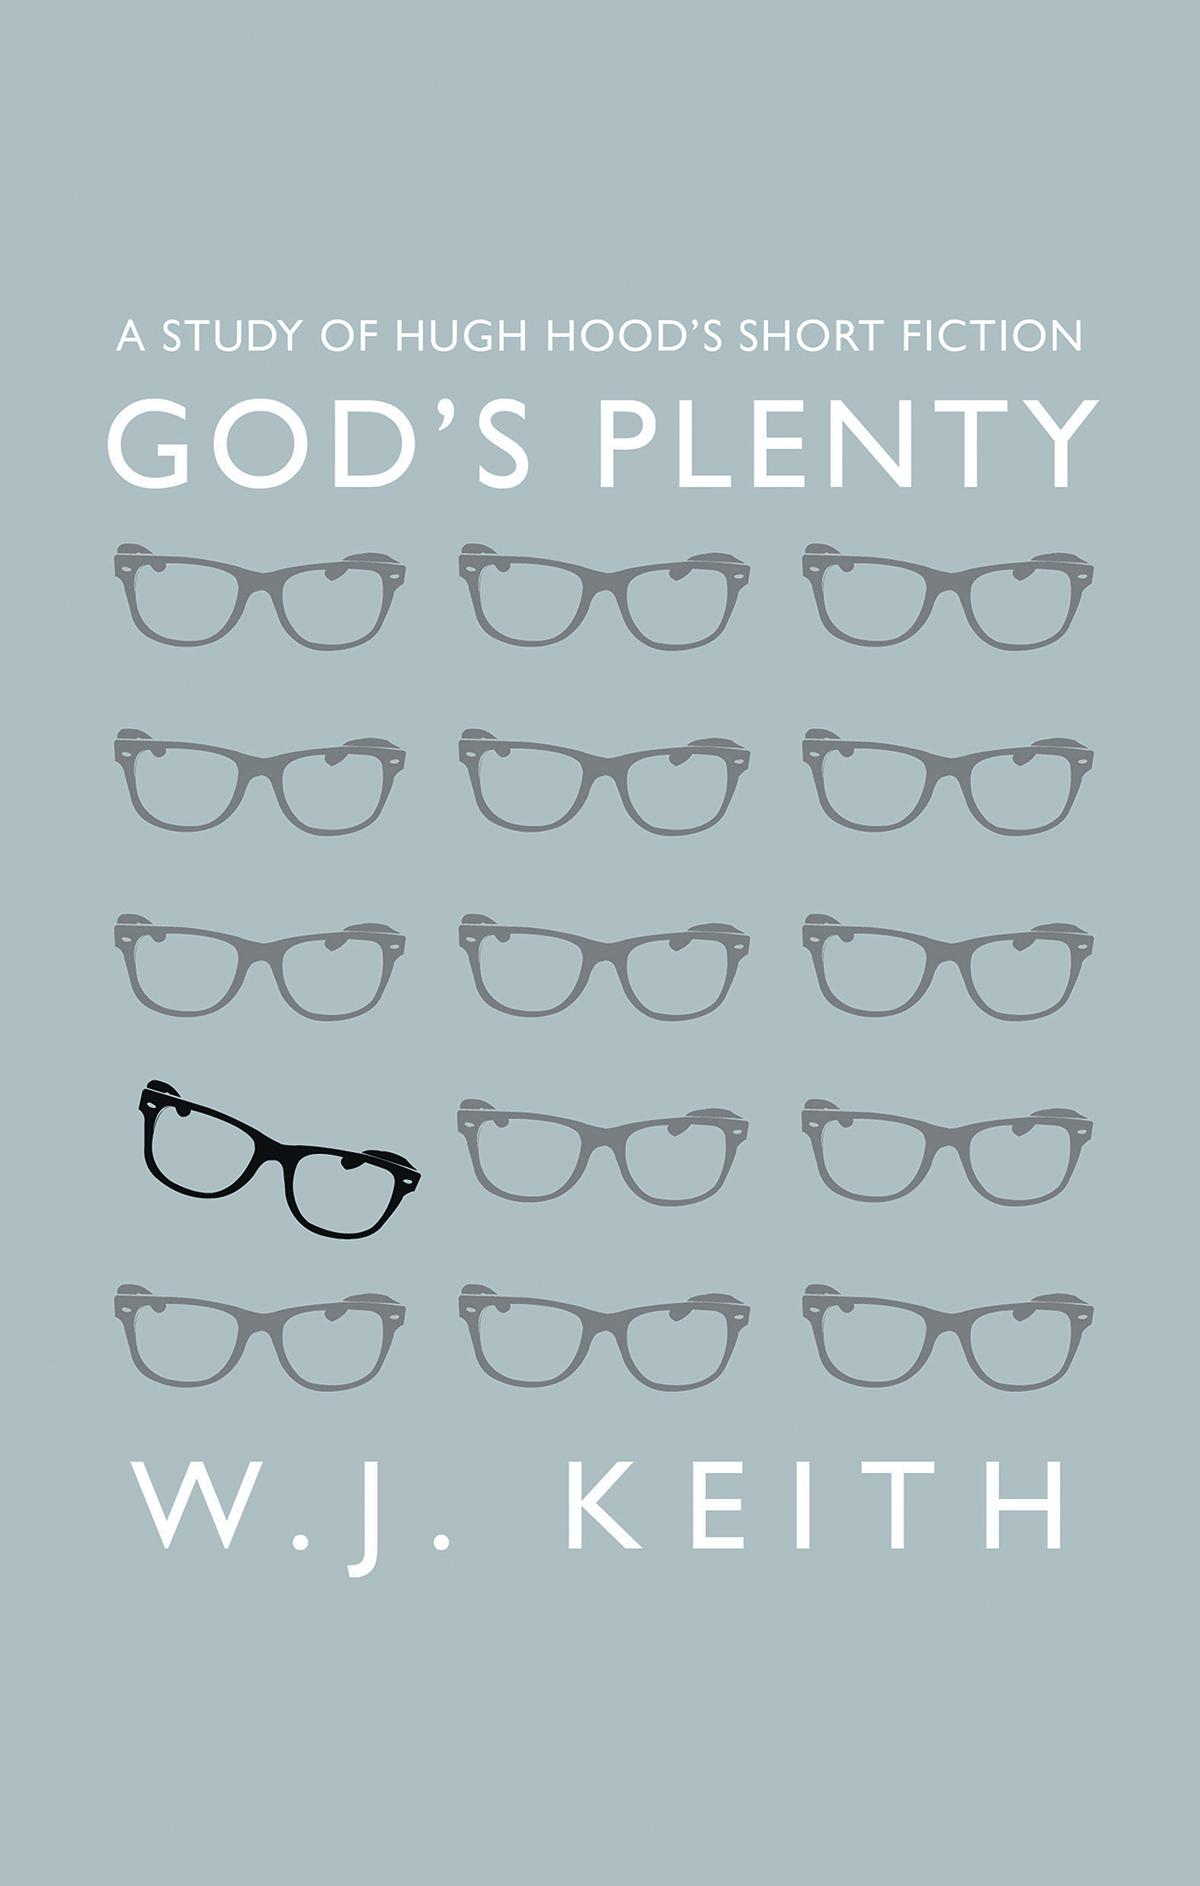 God's Plenty